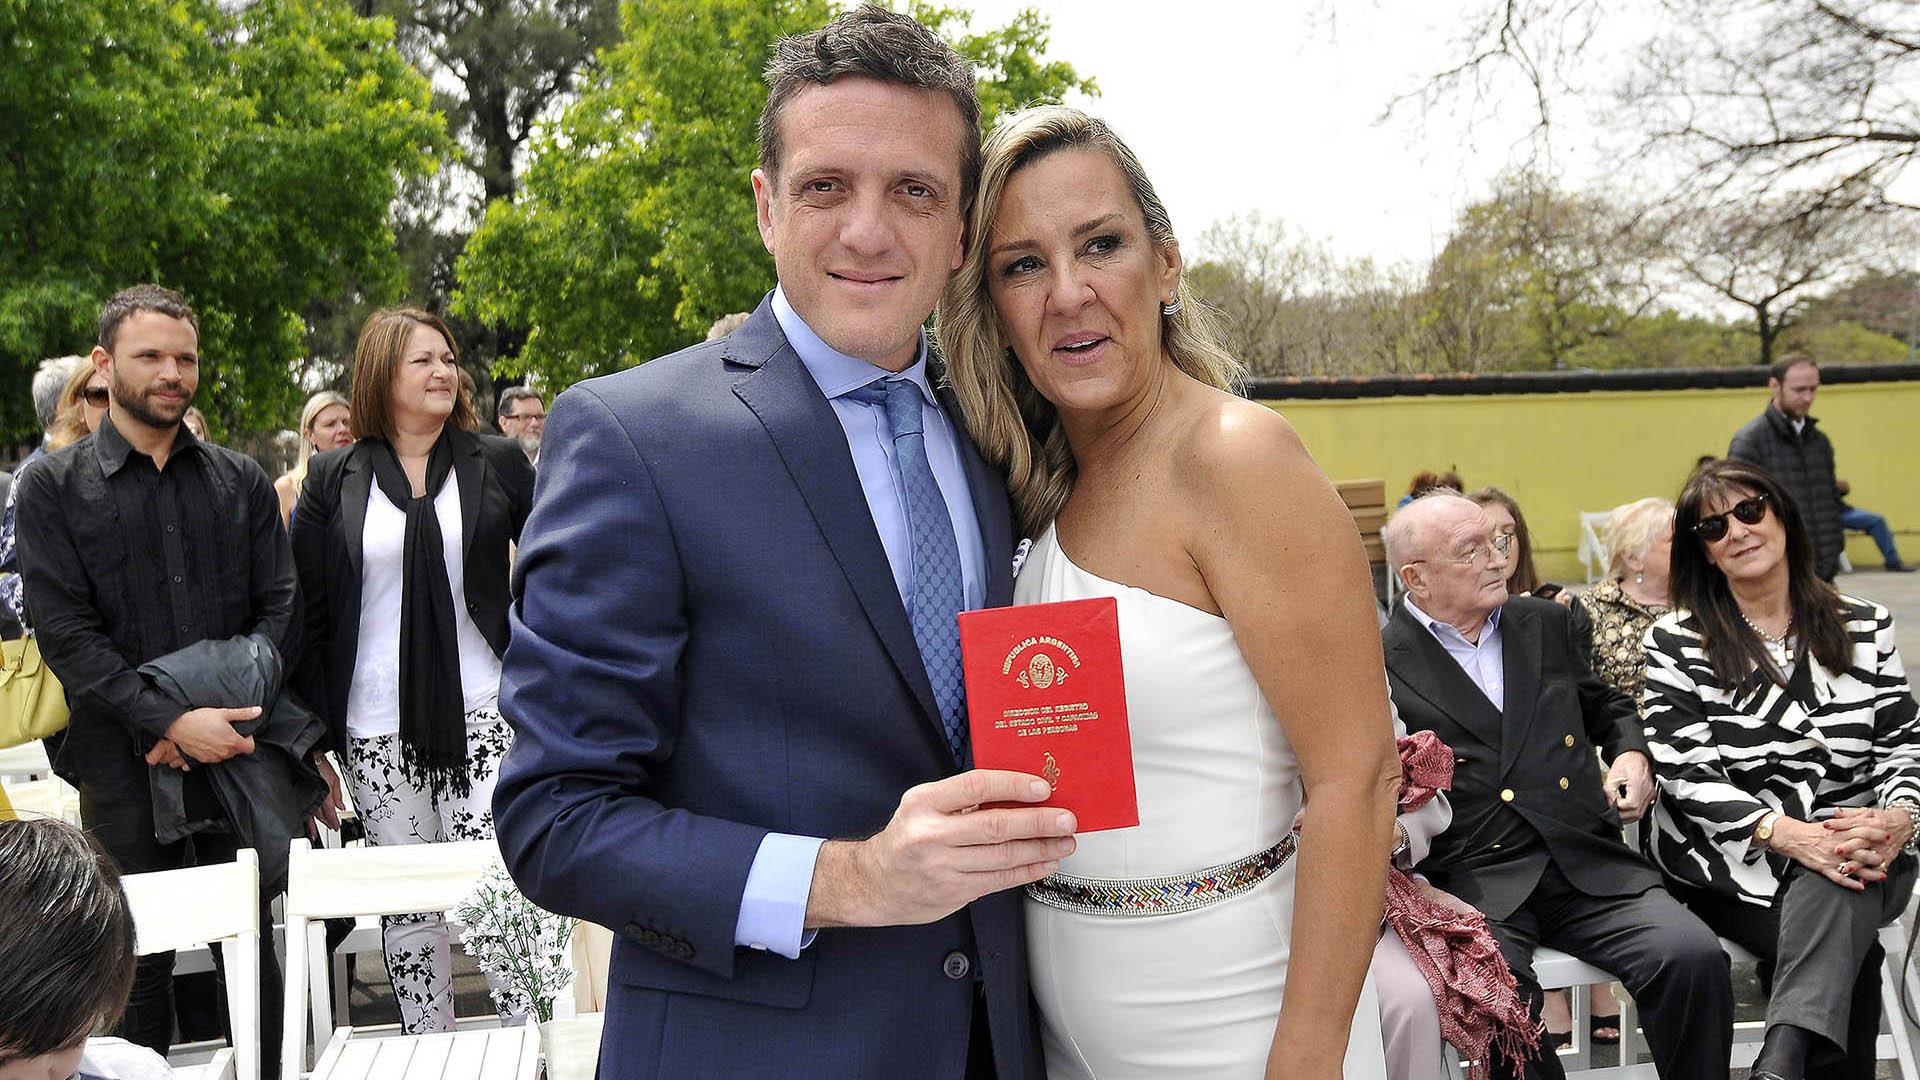 El perioidista Mauro Szeta se casó con la fiscal Clarissa Antonini en el Jardín Japonés (Crédito: Veronica Guerman)